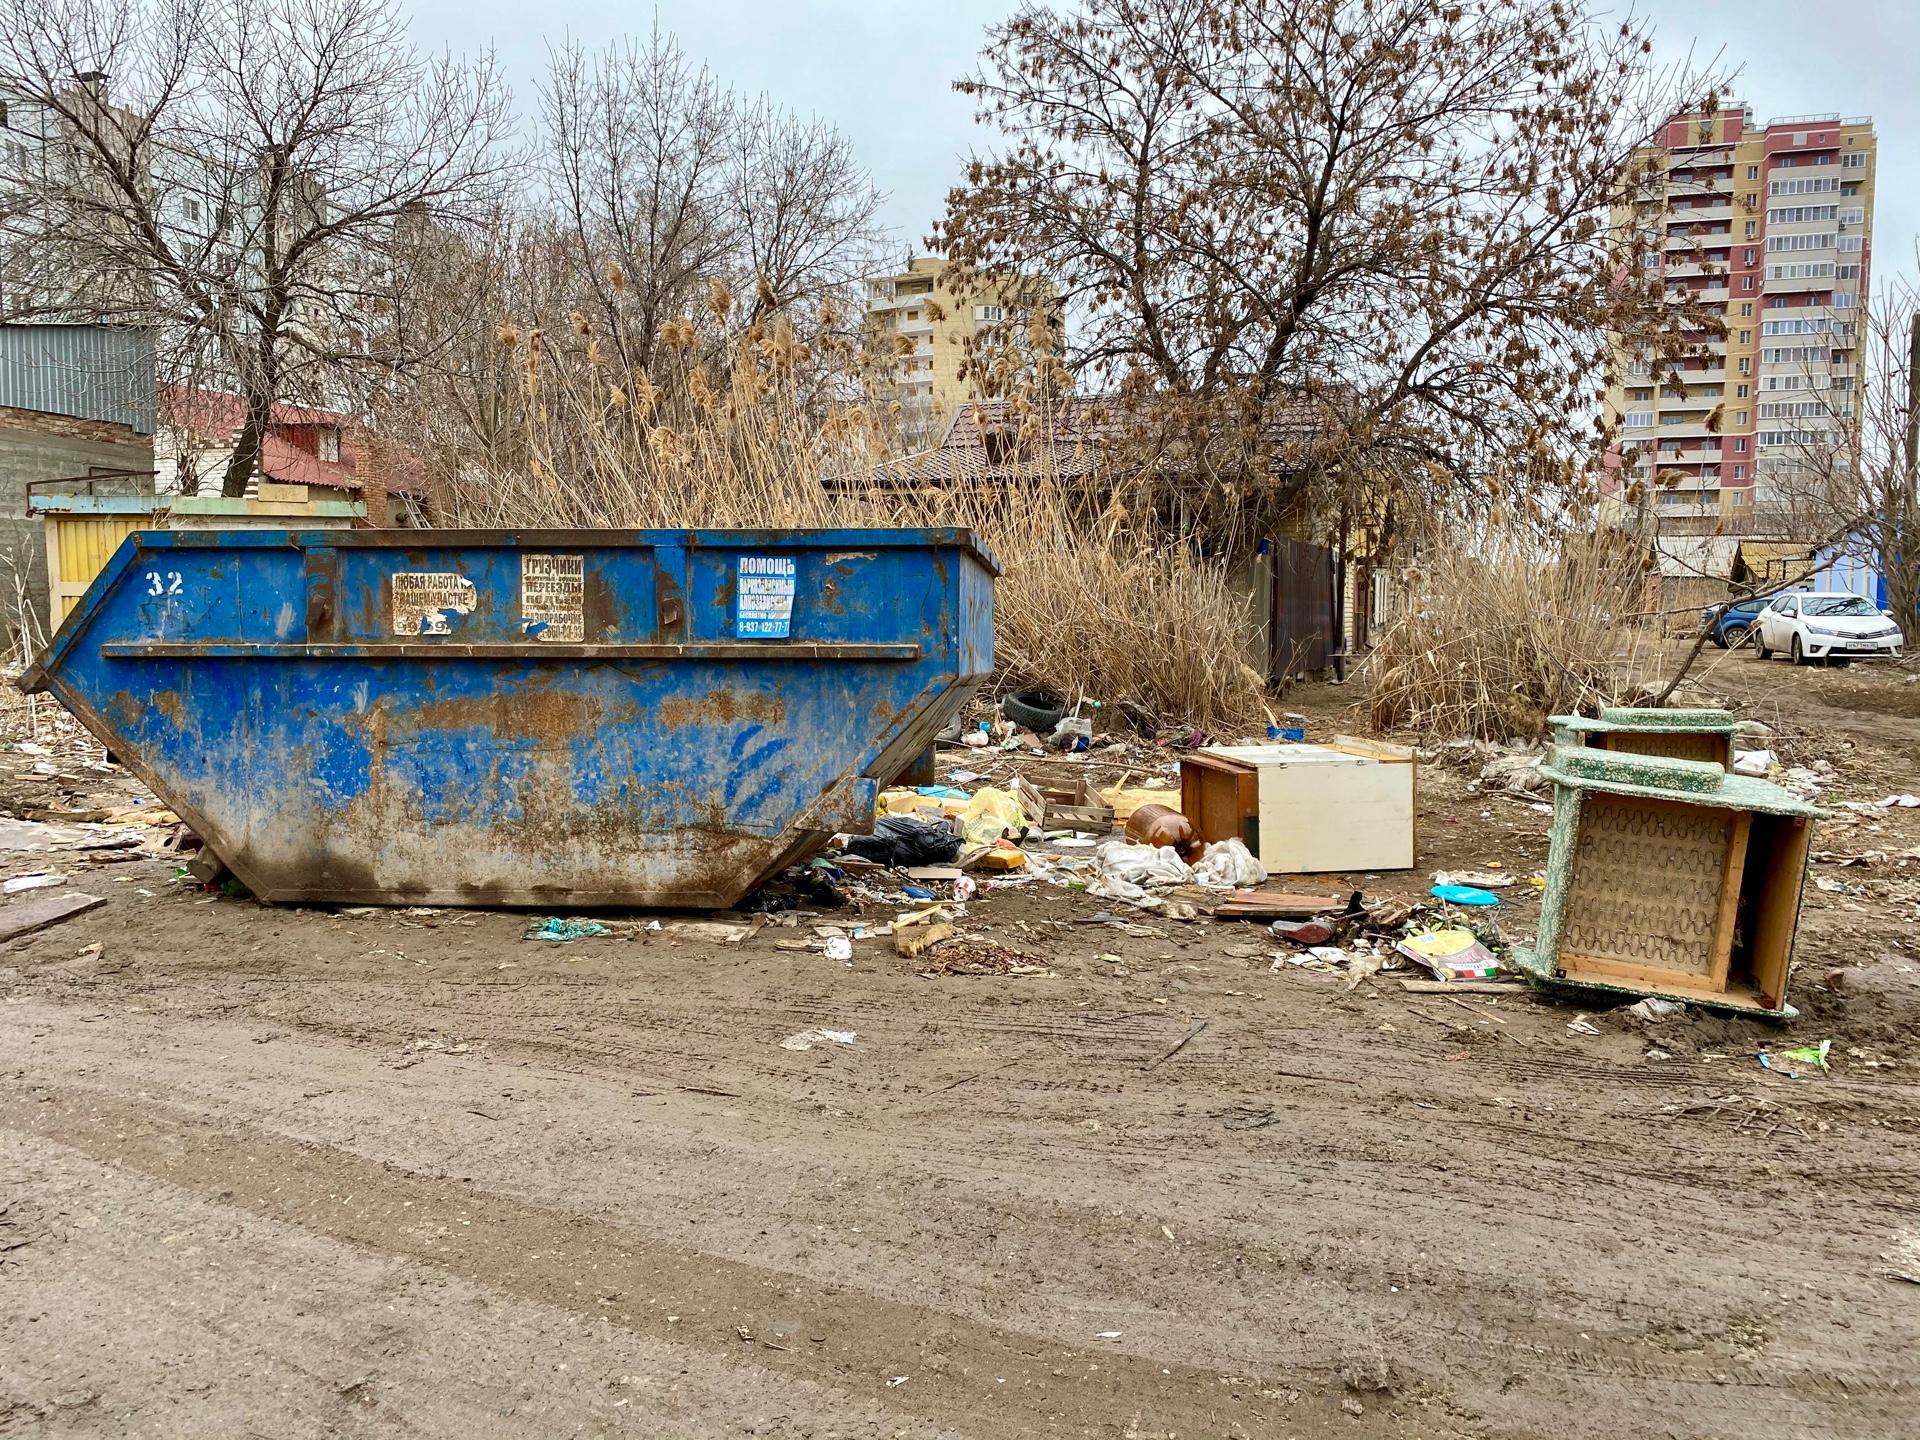 image 26 03 21 04 40 4 В Астрахани ликвидировали несанкционированную свалку